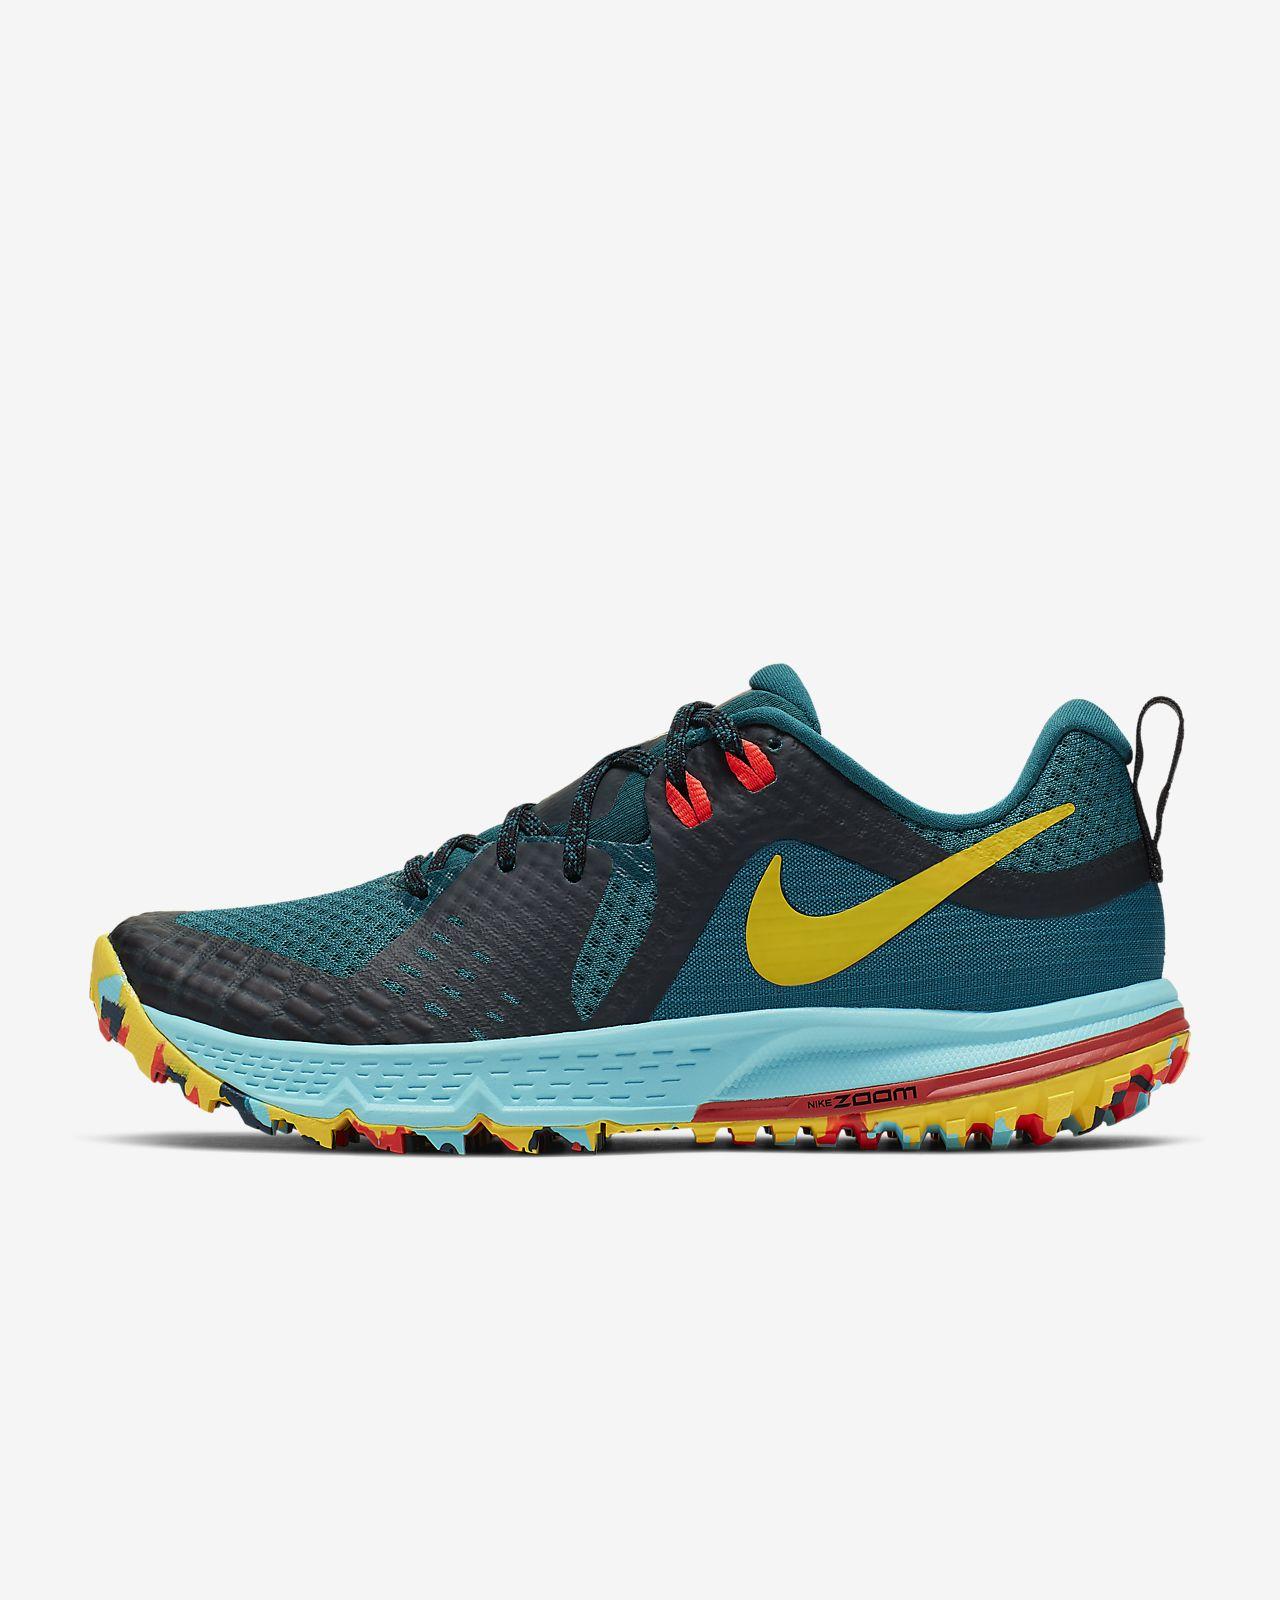 Женские беговые кроссовки Nike Air Zoom Wildhorse 5